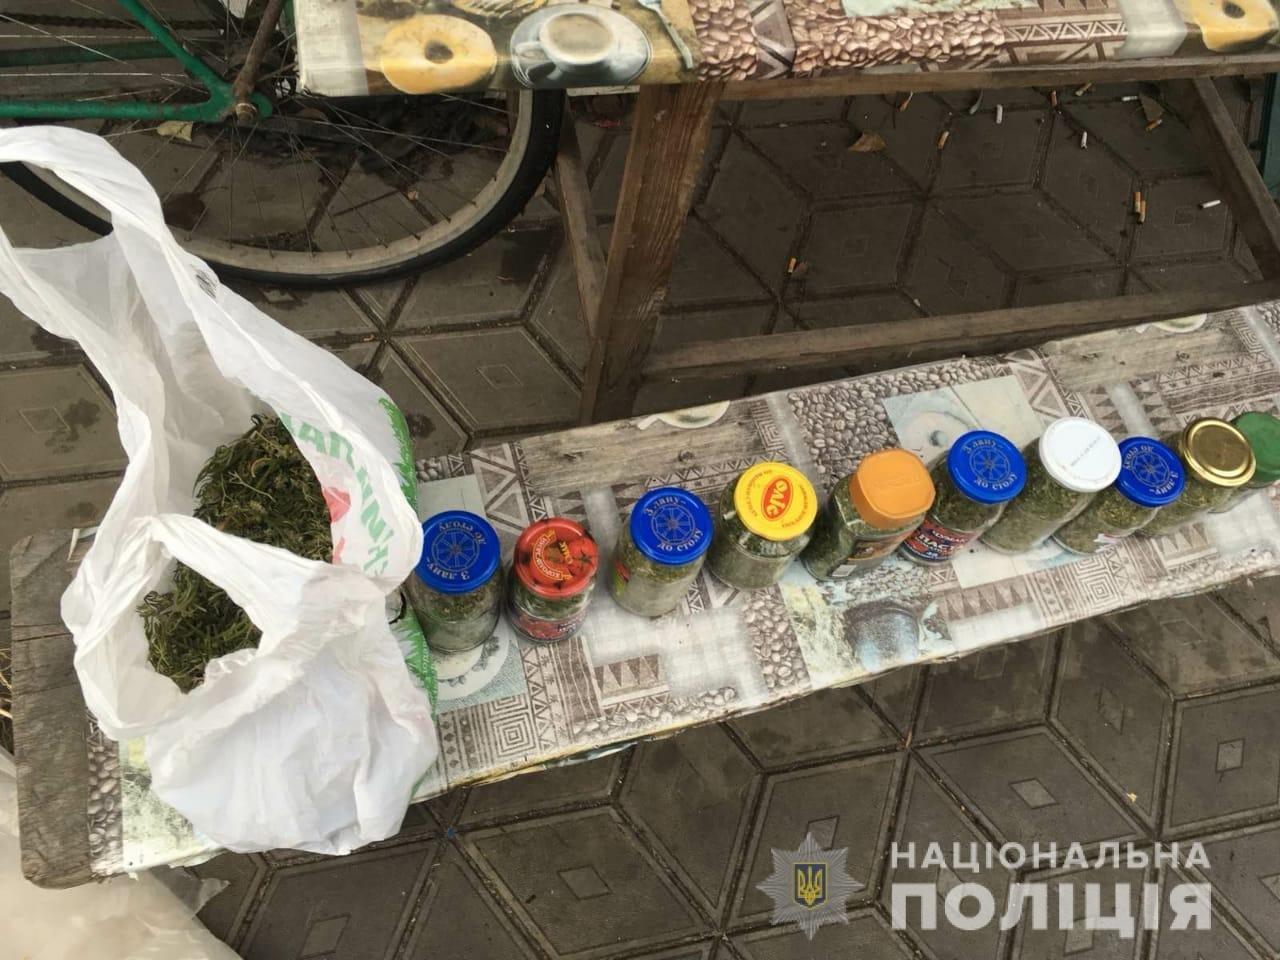 У жителей Днепропетровской области в домах нашли оружие и наркотики, фото-1